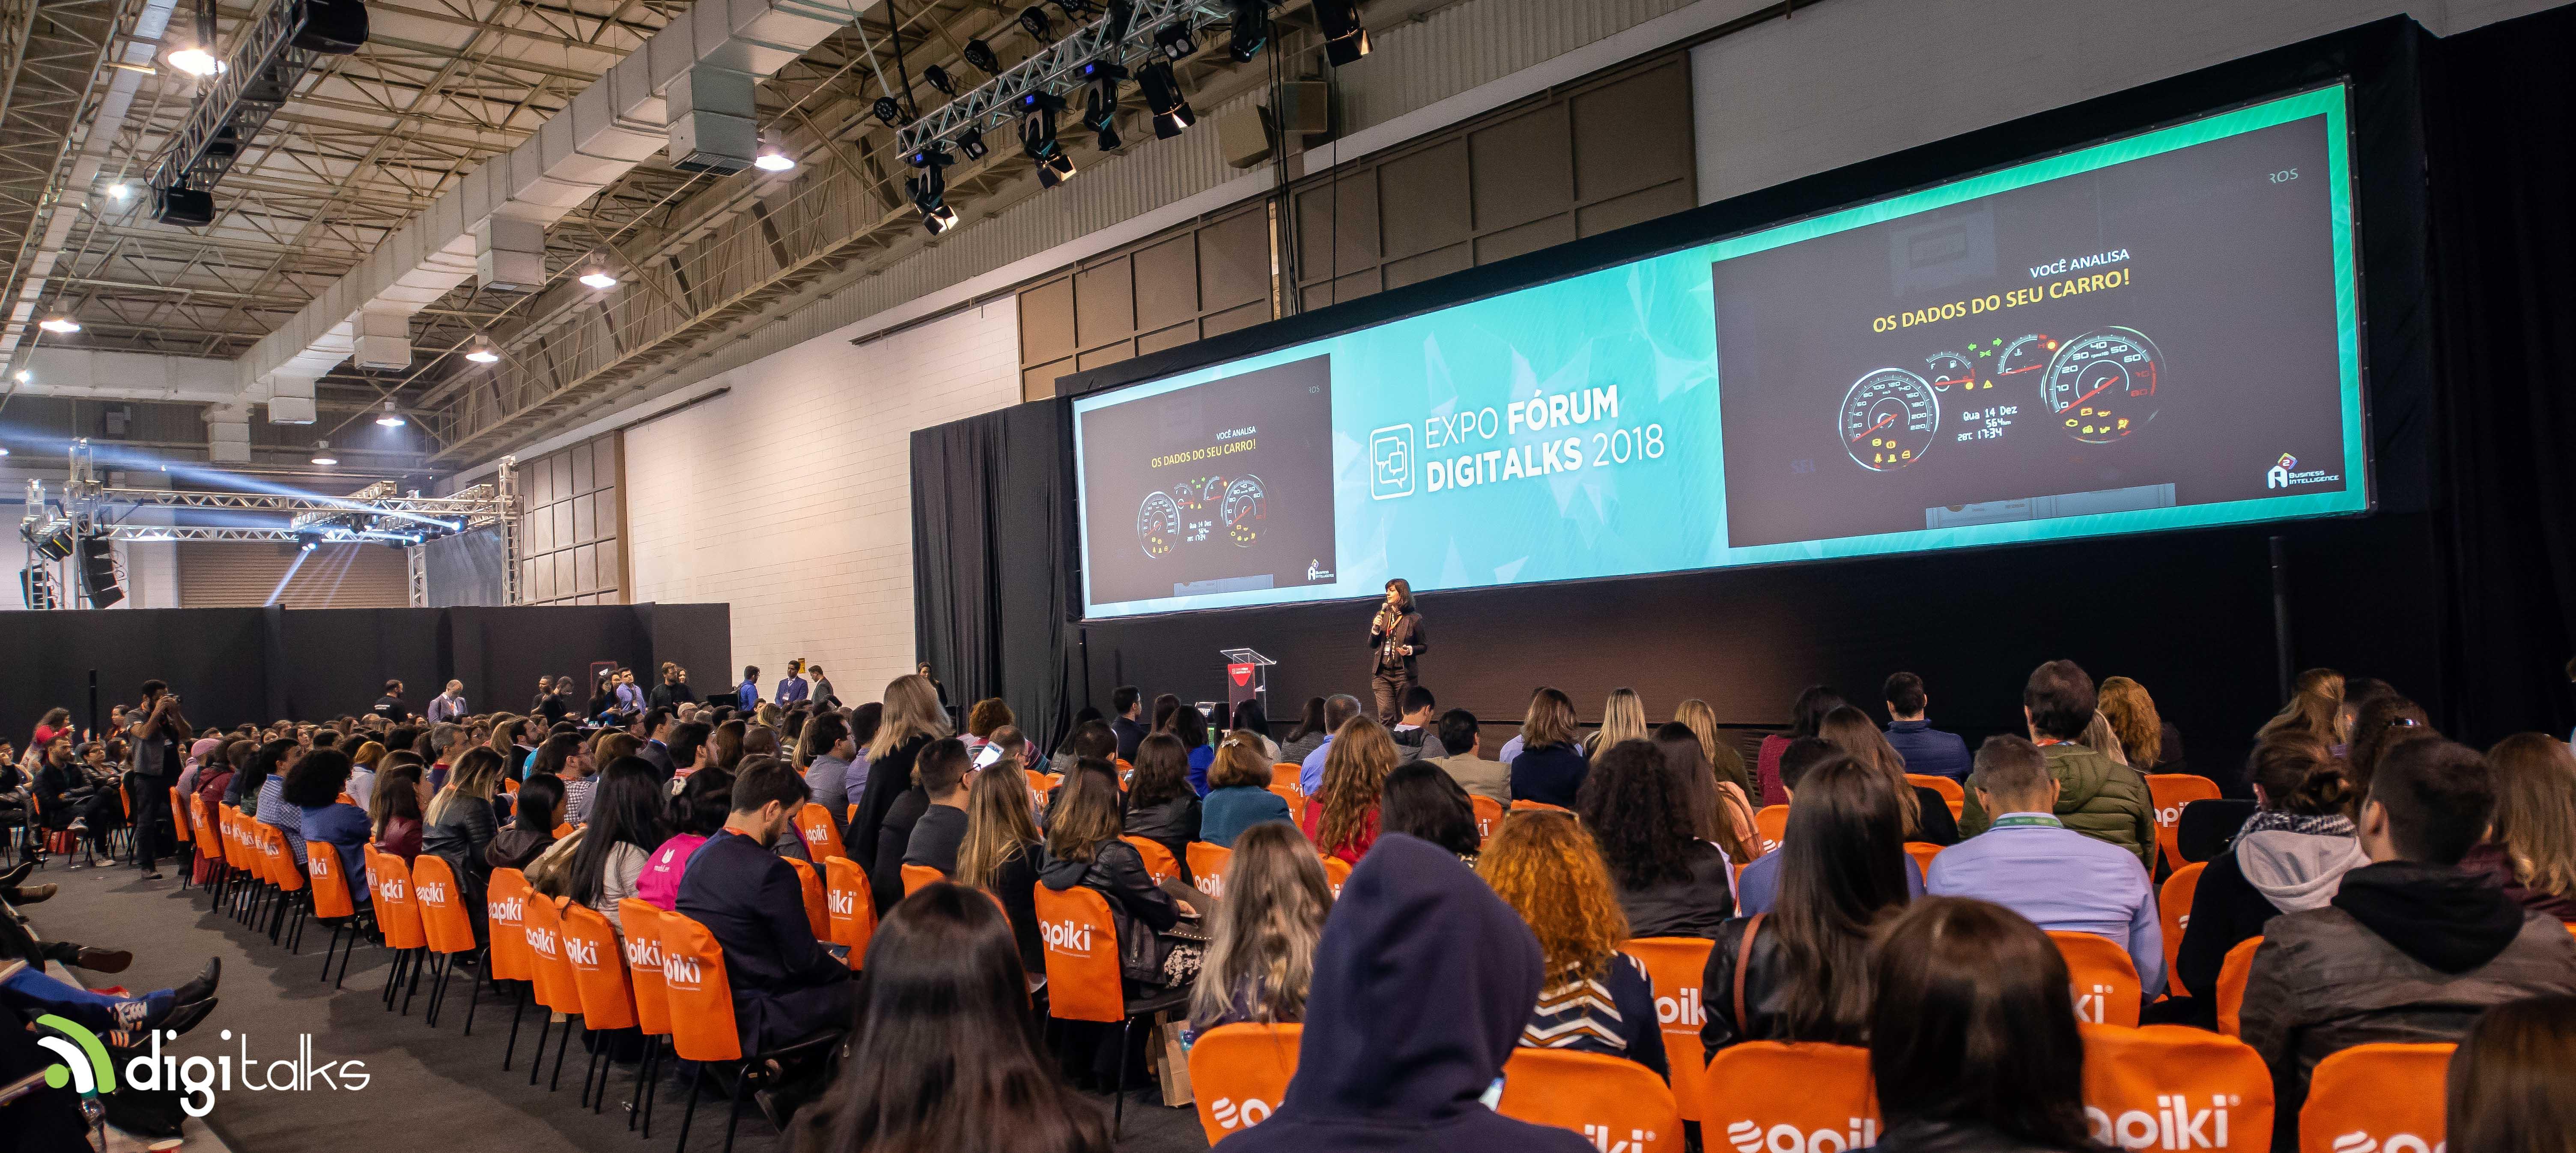 Foto geral do palco Master Seminars. Platéia sentada em cadeiras pretas com capas laranjas e Ariane Maia, no palco. Atrás da Ariane um telão com conteúdo da palestra dela.